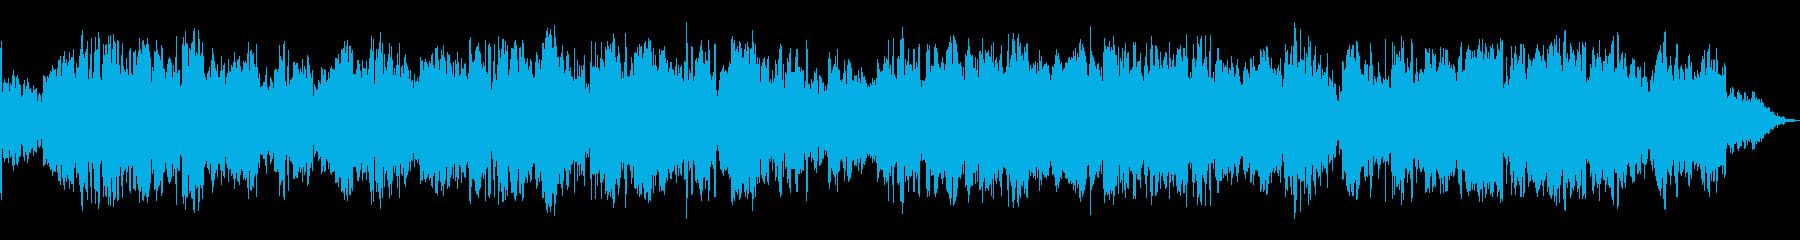 ソナー:2つのトーンのピン、SCI...の再生済みの波形